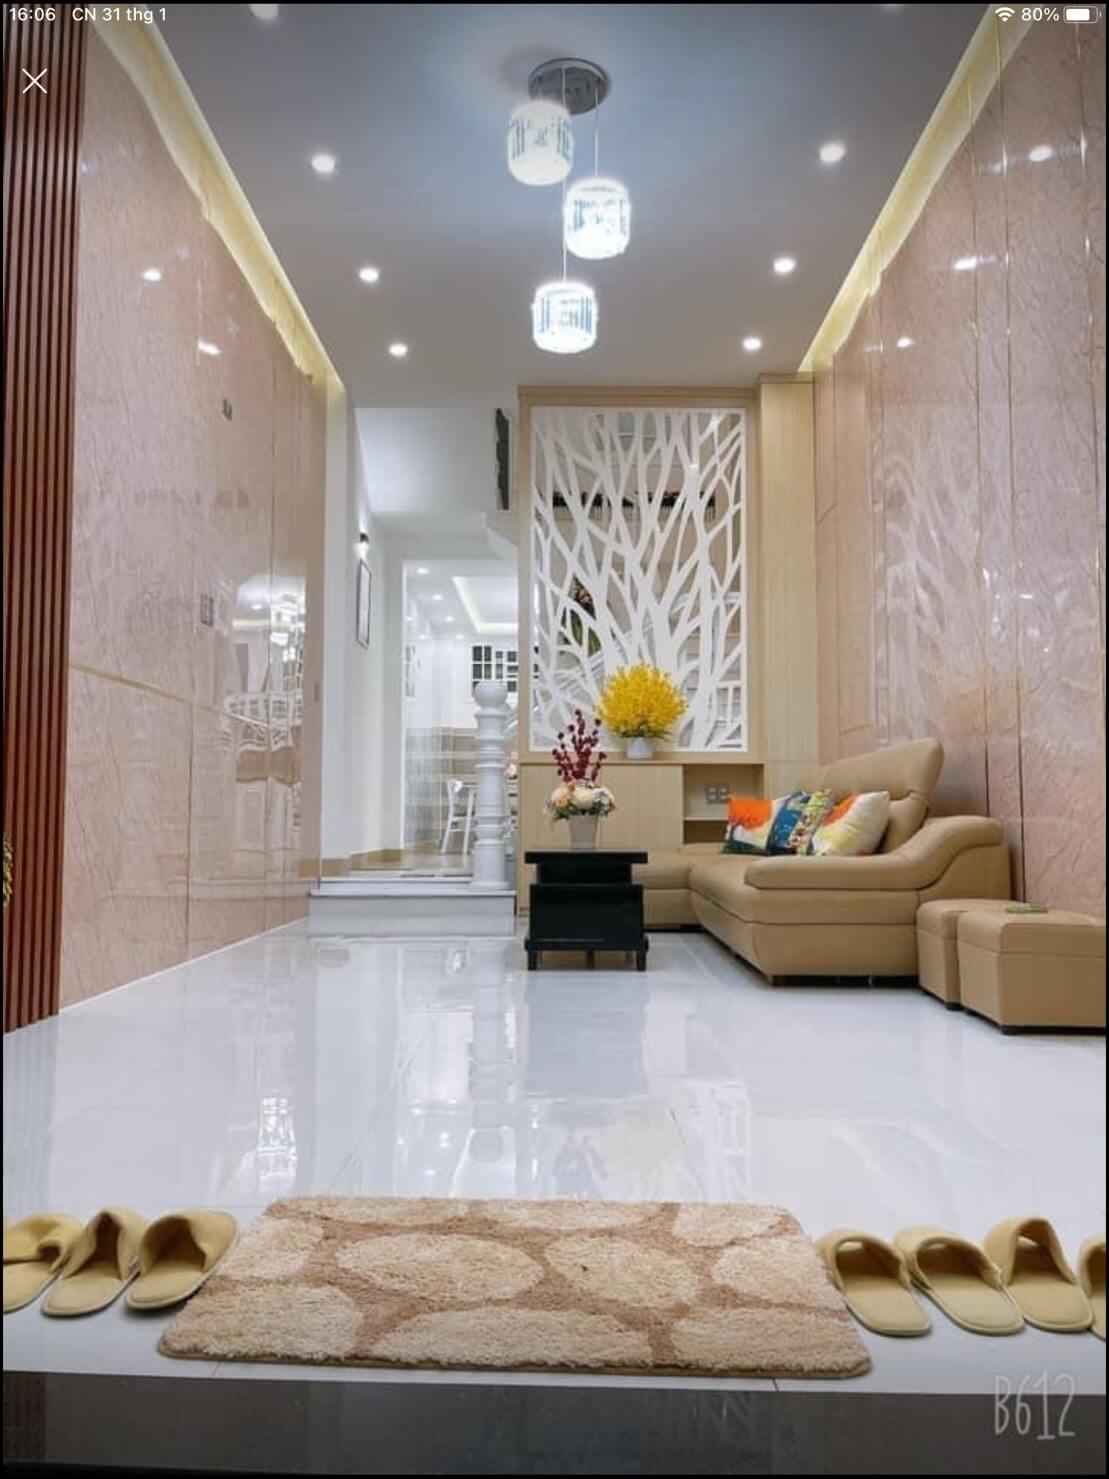 Bán Nhà Đường Hàn Mạc Tử – Đà Nẵng | Trần Minh BĐS